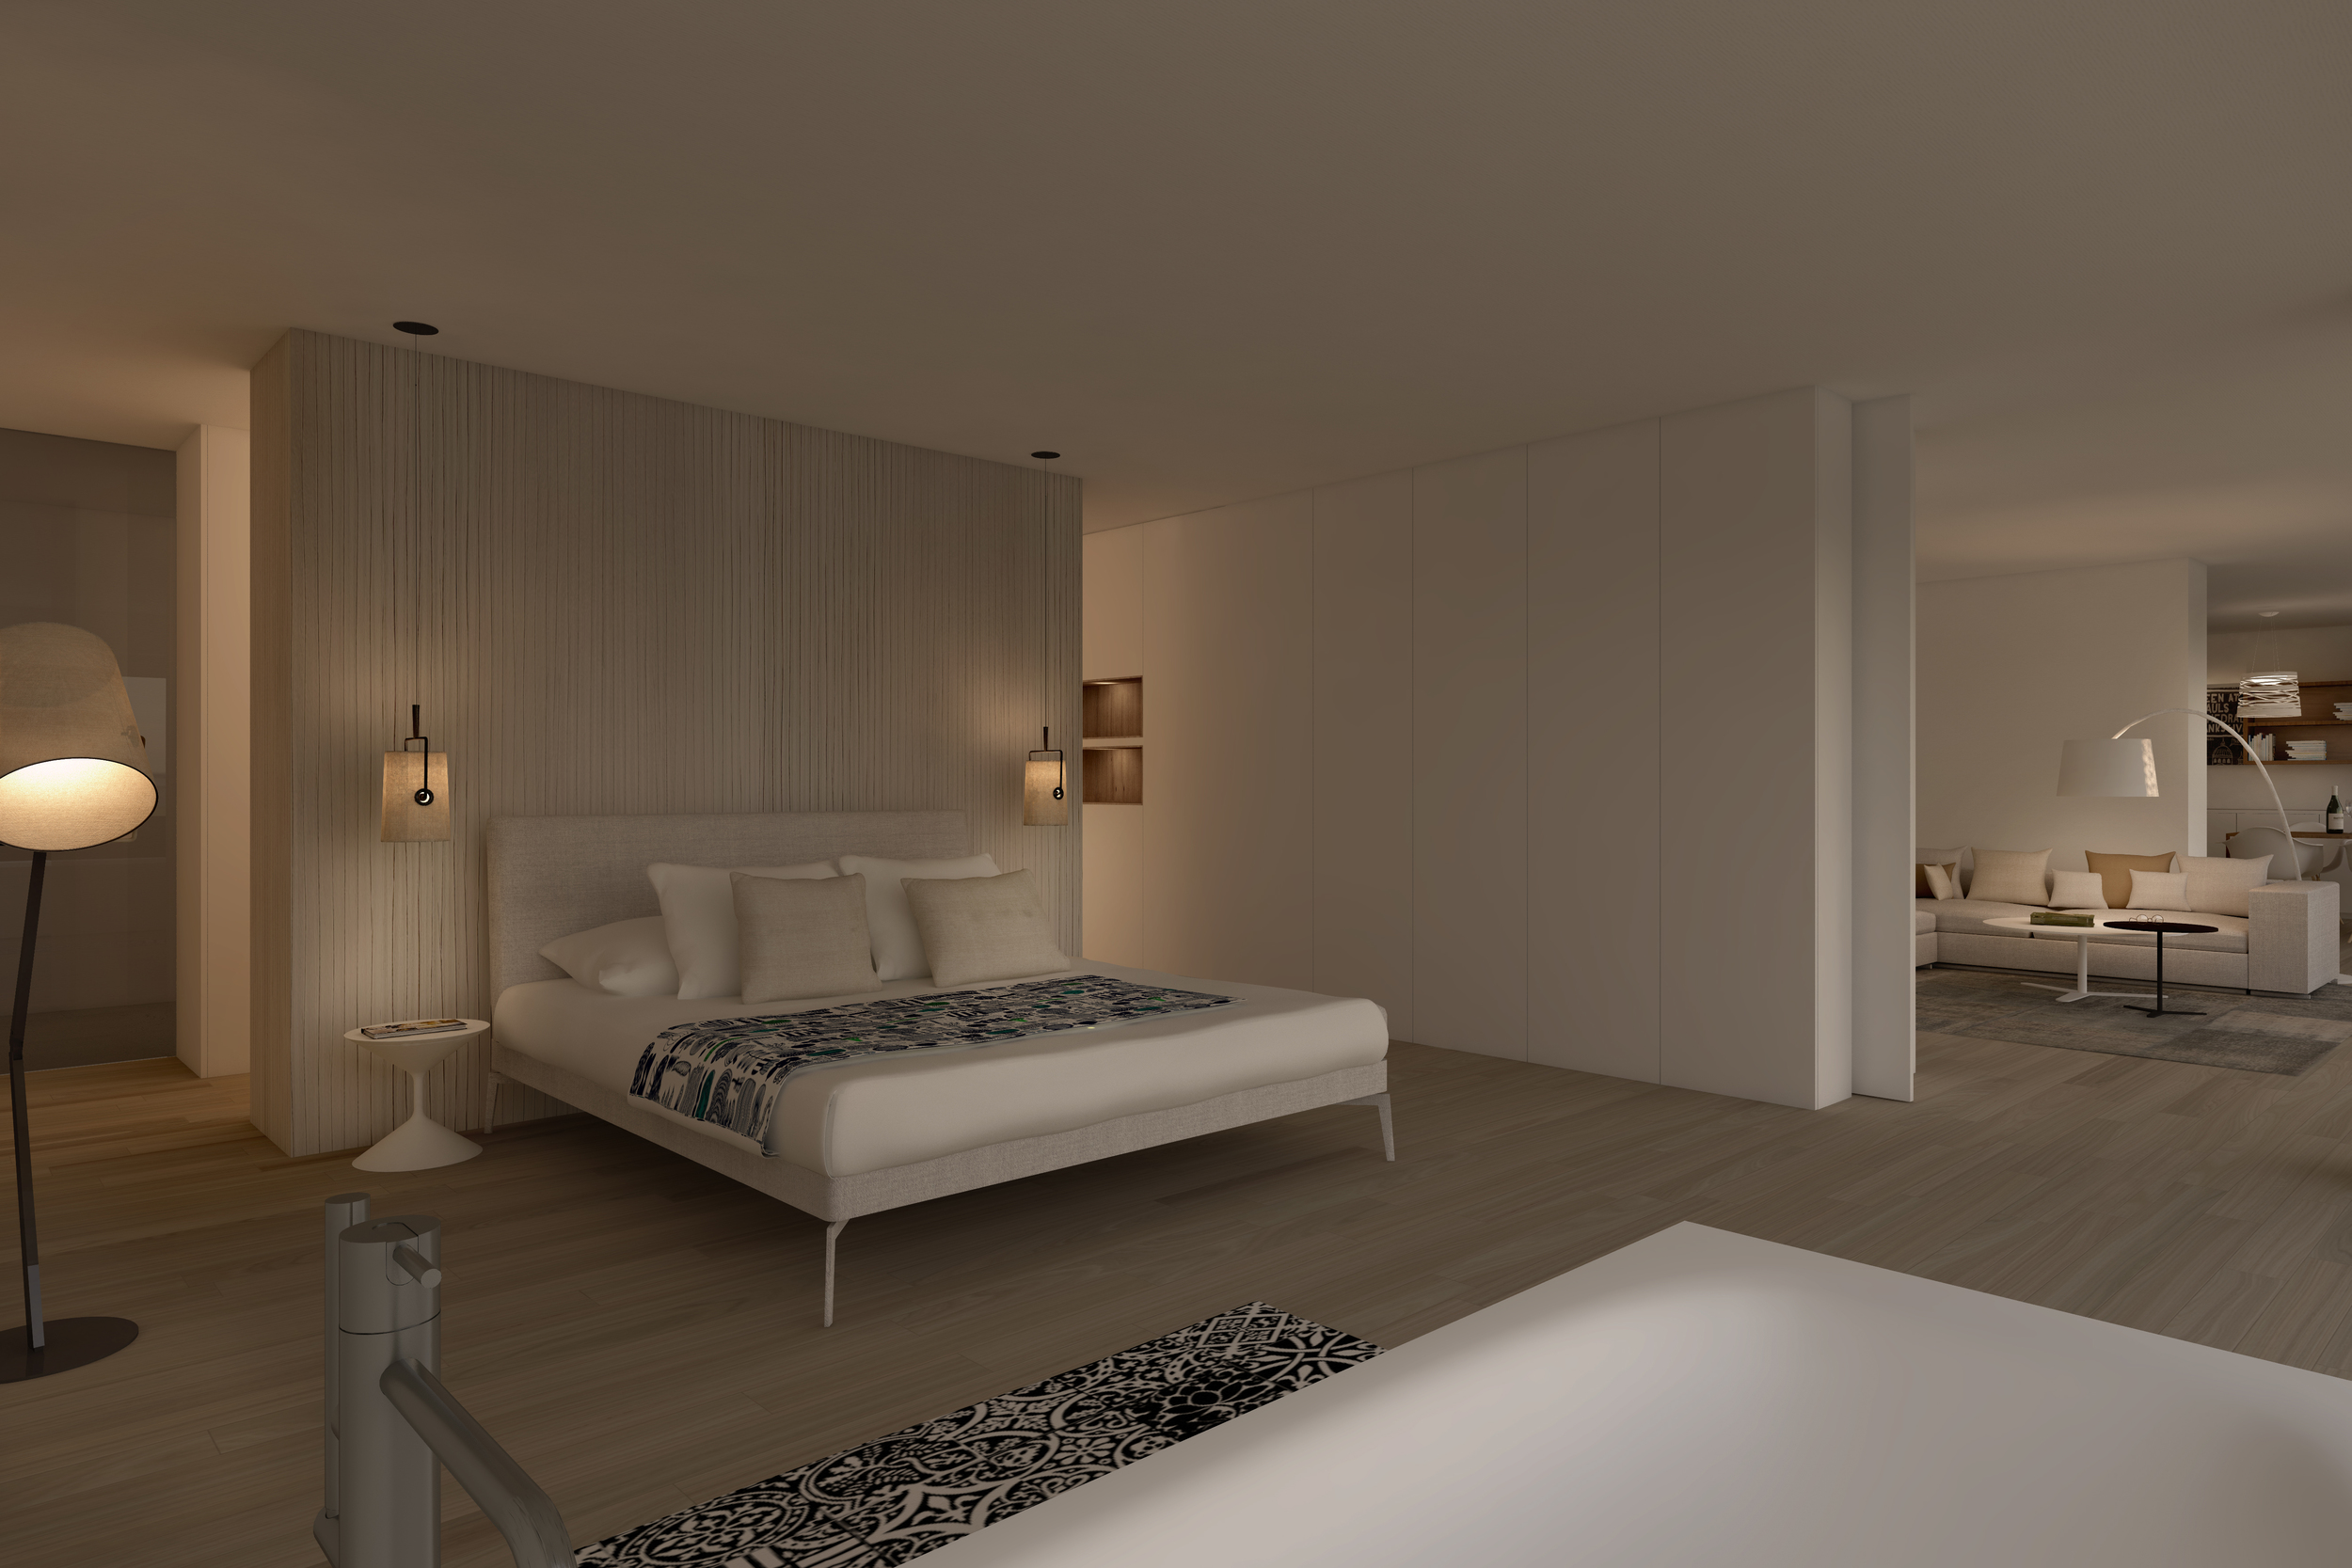 02 Steckborn Schlafzimmer.jpg